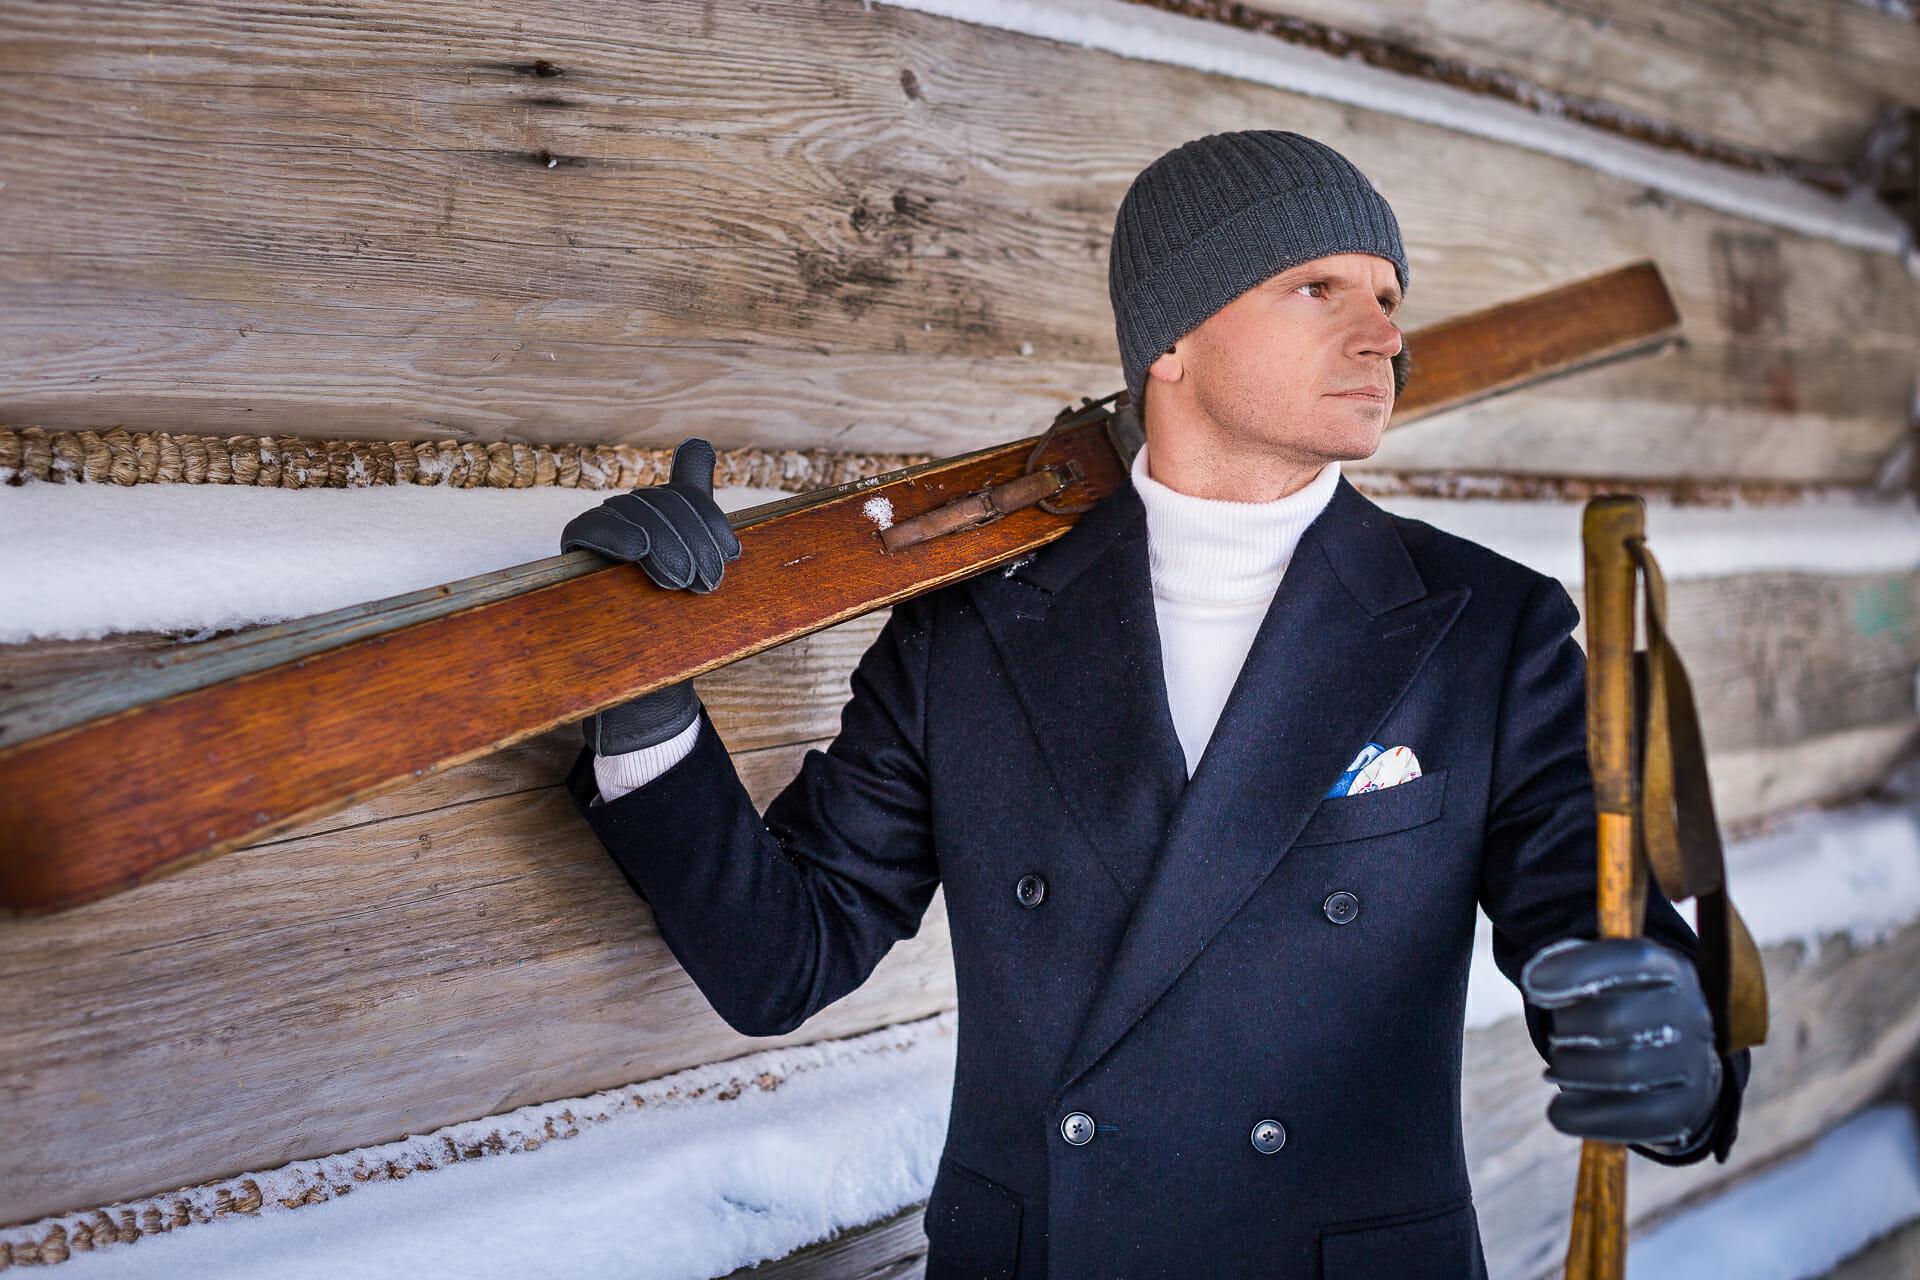 Płaszcz niejedno ma imię | Mr Vintage rzeczowo o modzie